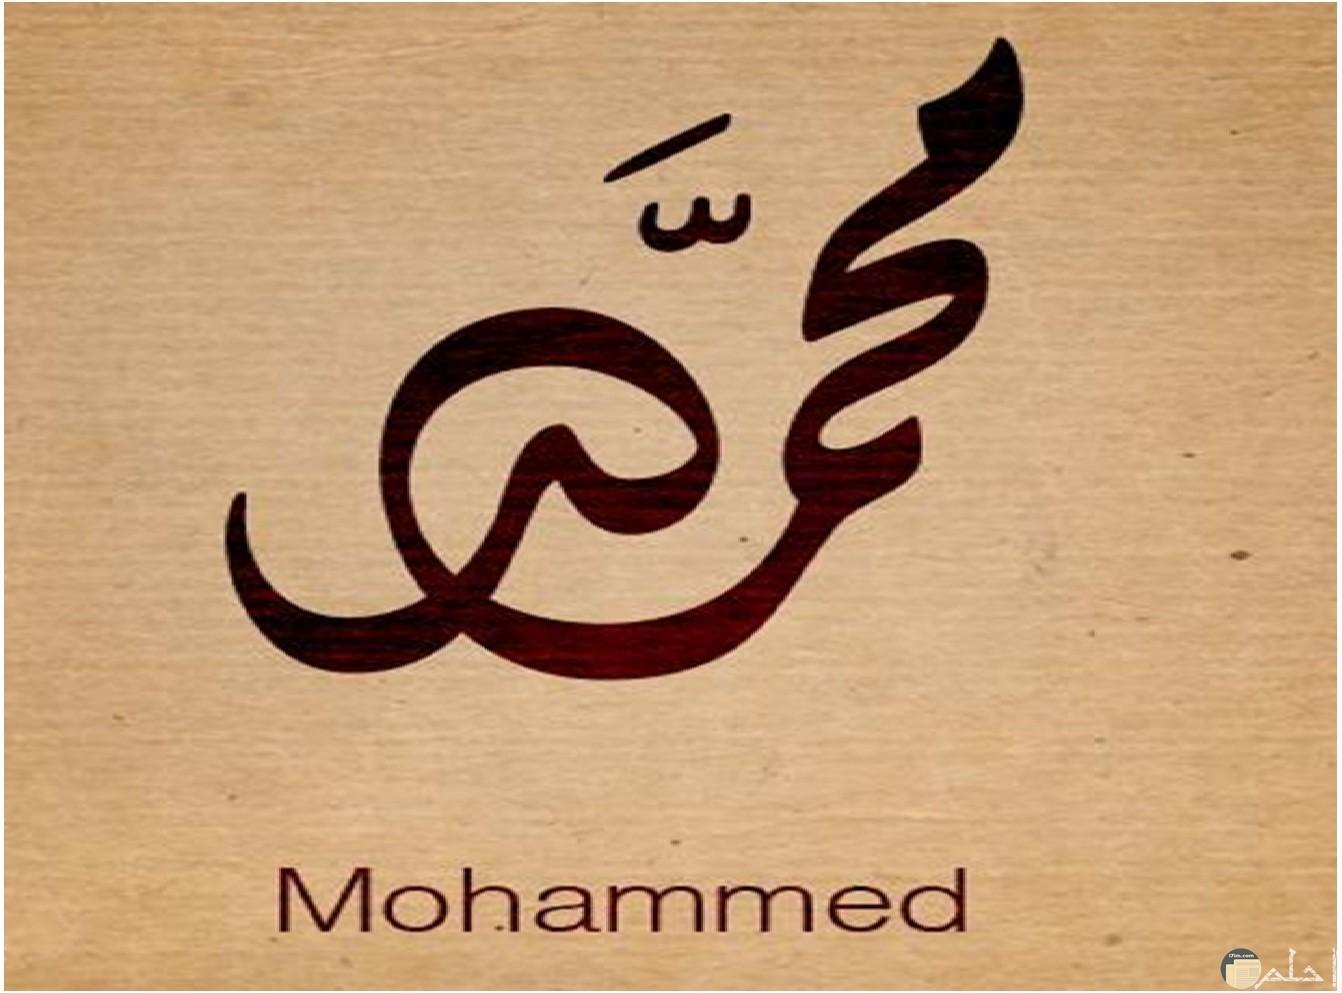 إسم محمد بالعربى و الأجنبى معاً.